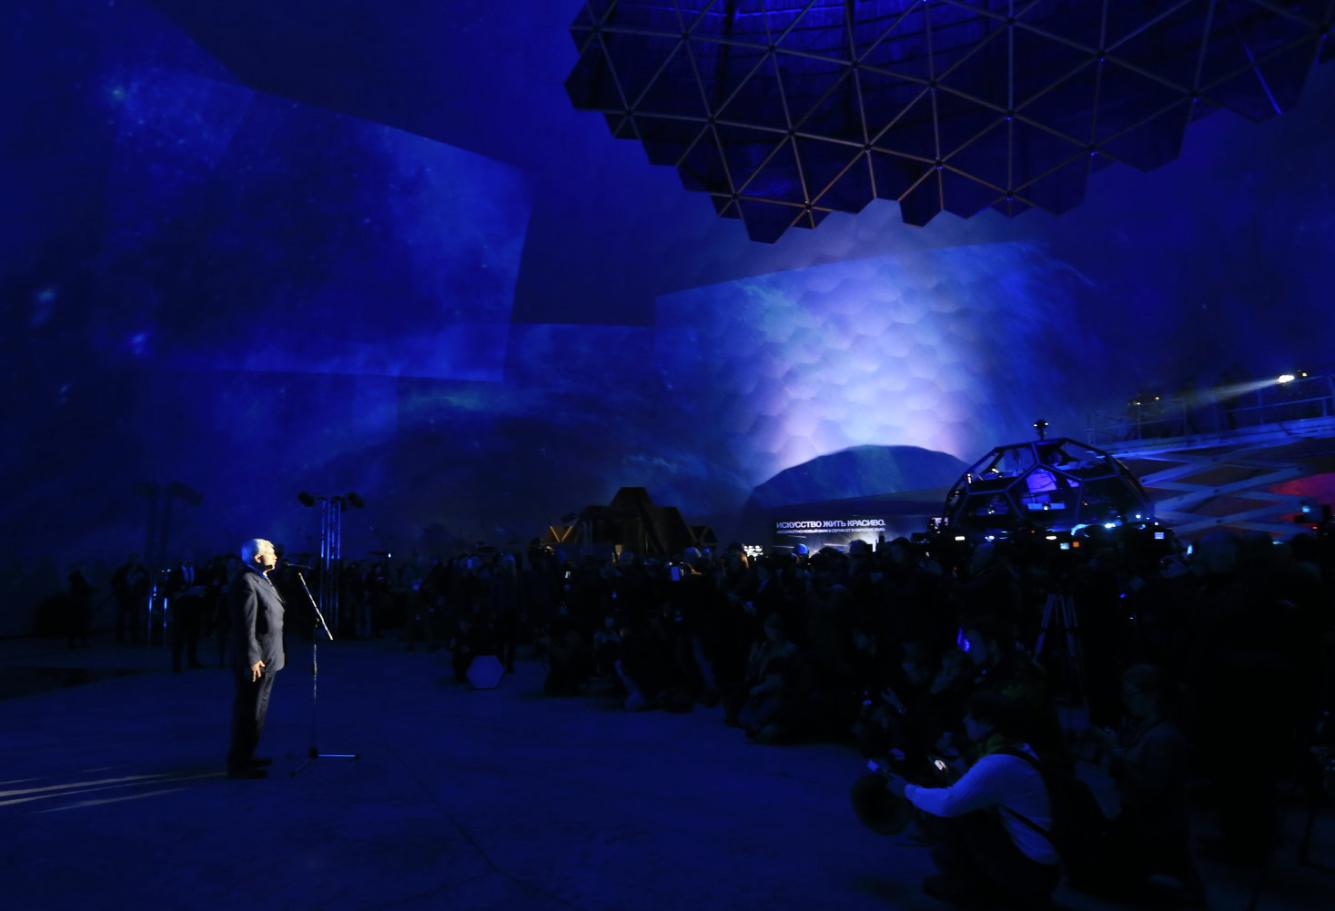 Крупнейший в мире планетарий открылся в Петербурге | Изображение 2